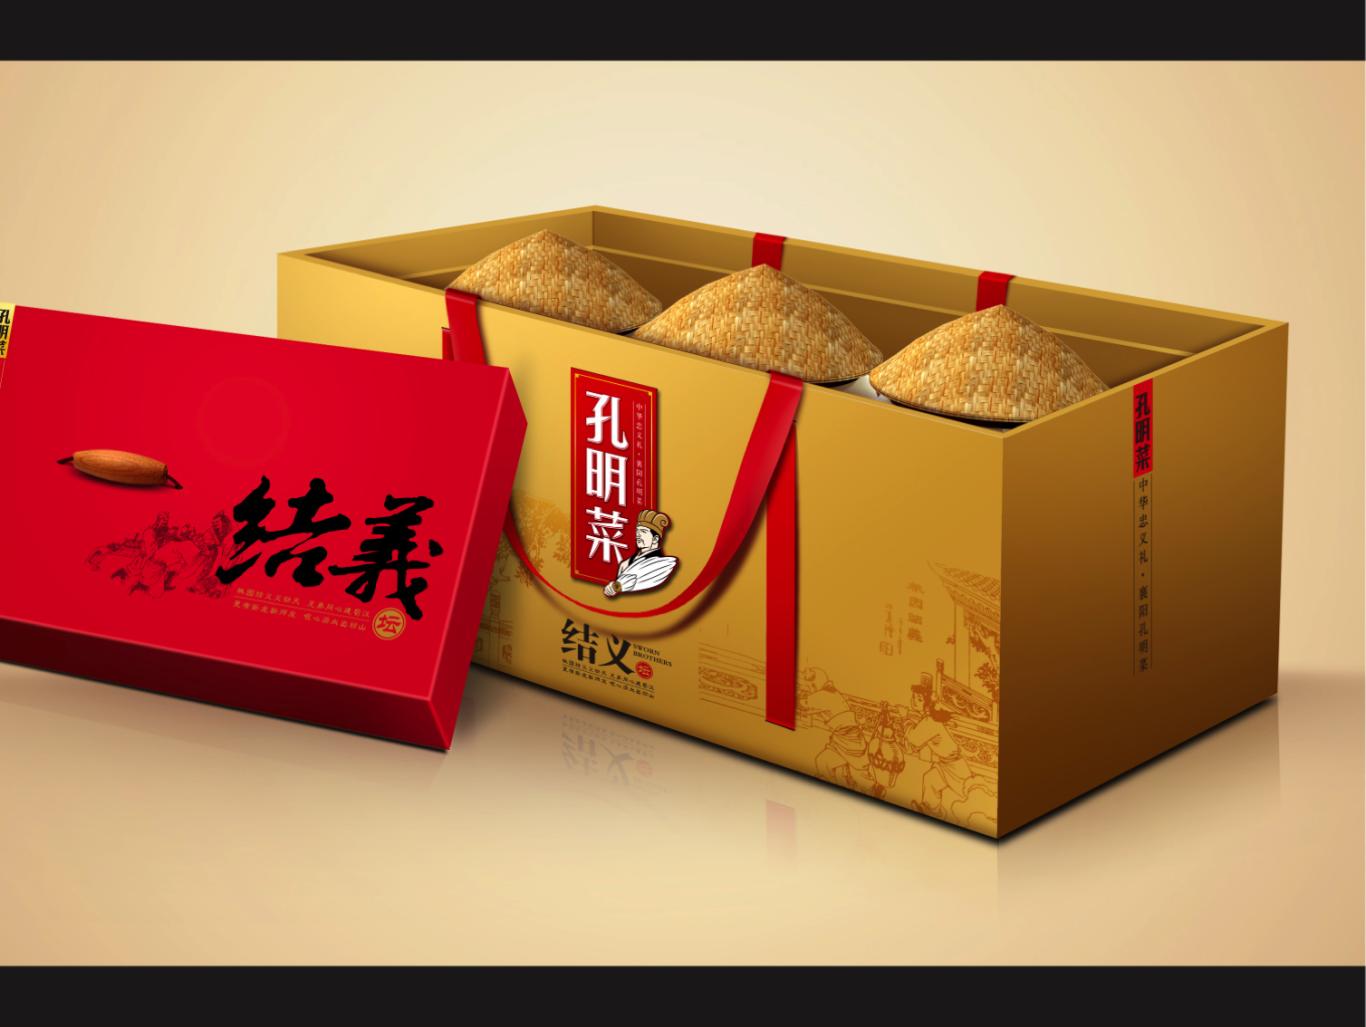 襄阳孔明菜系列产品包装设计图8